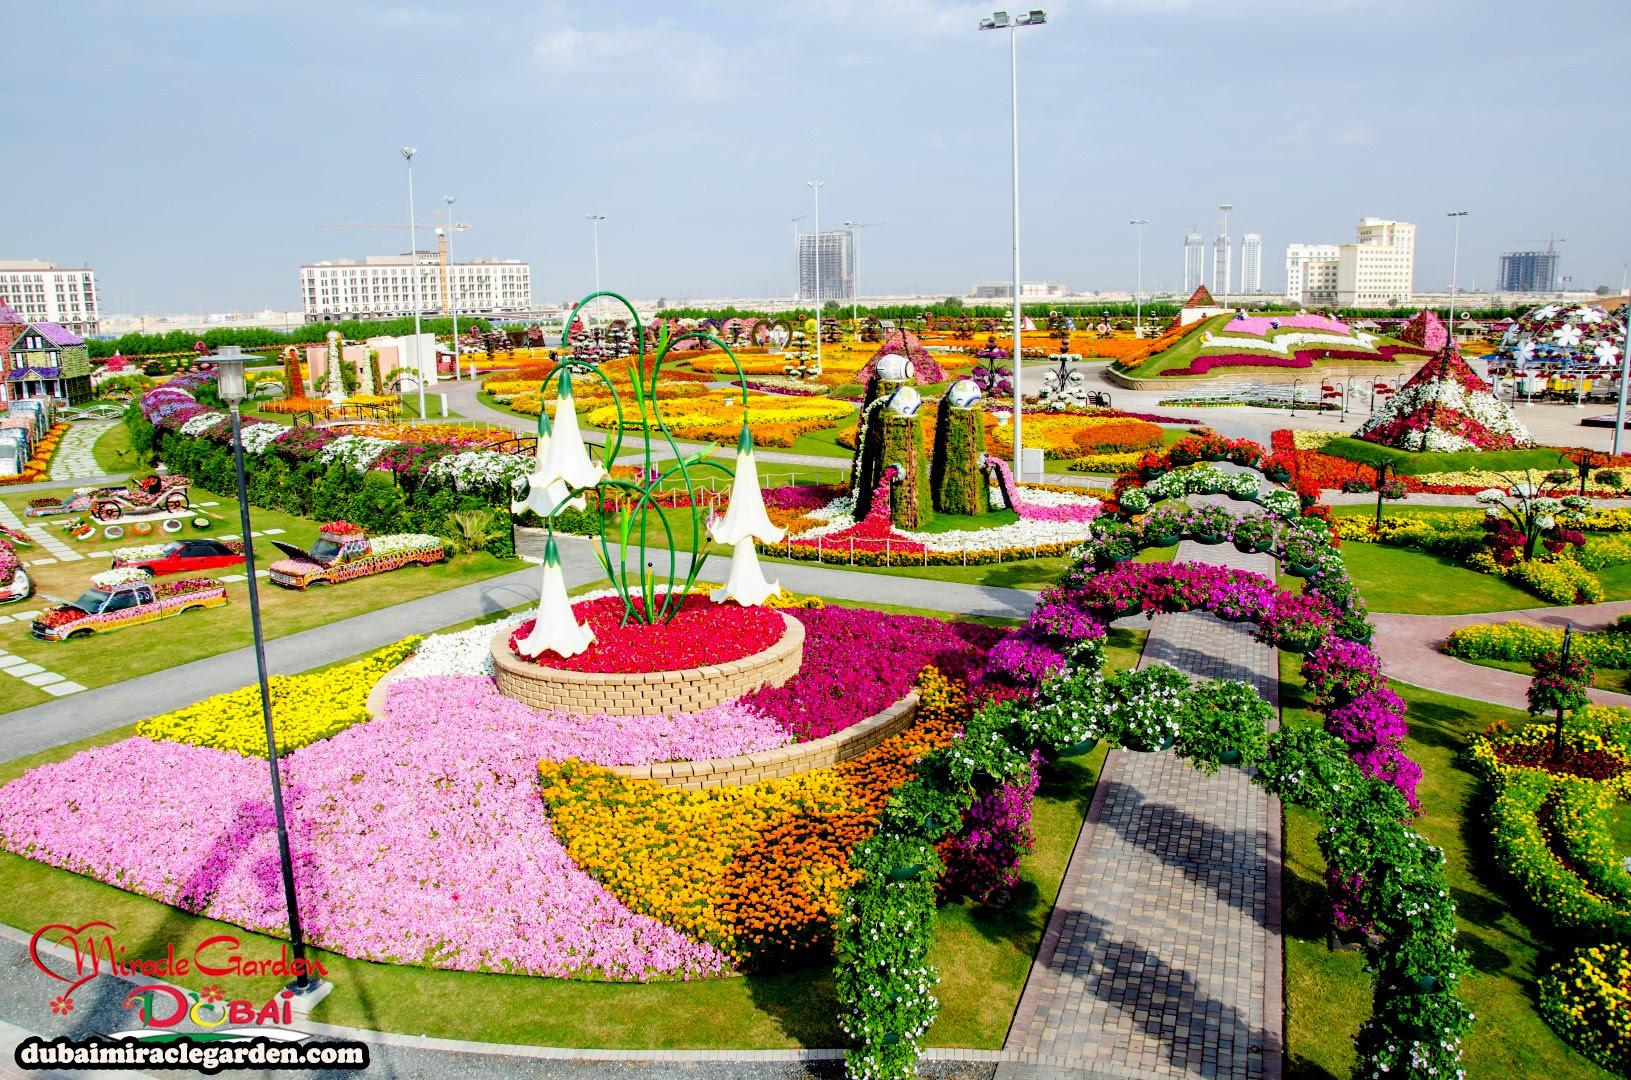 Dubai Miracle Garden 23